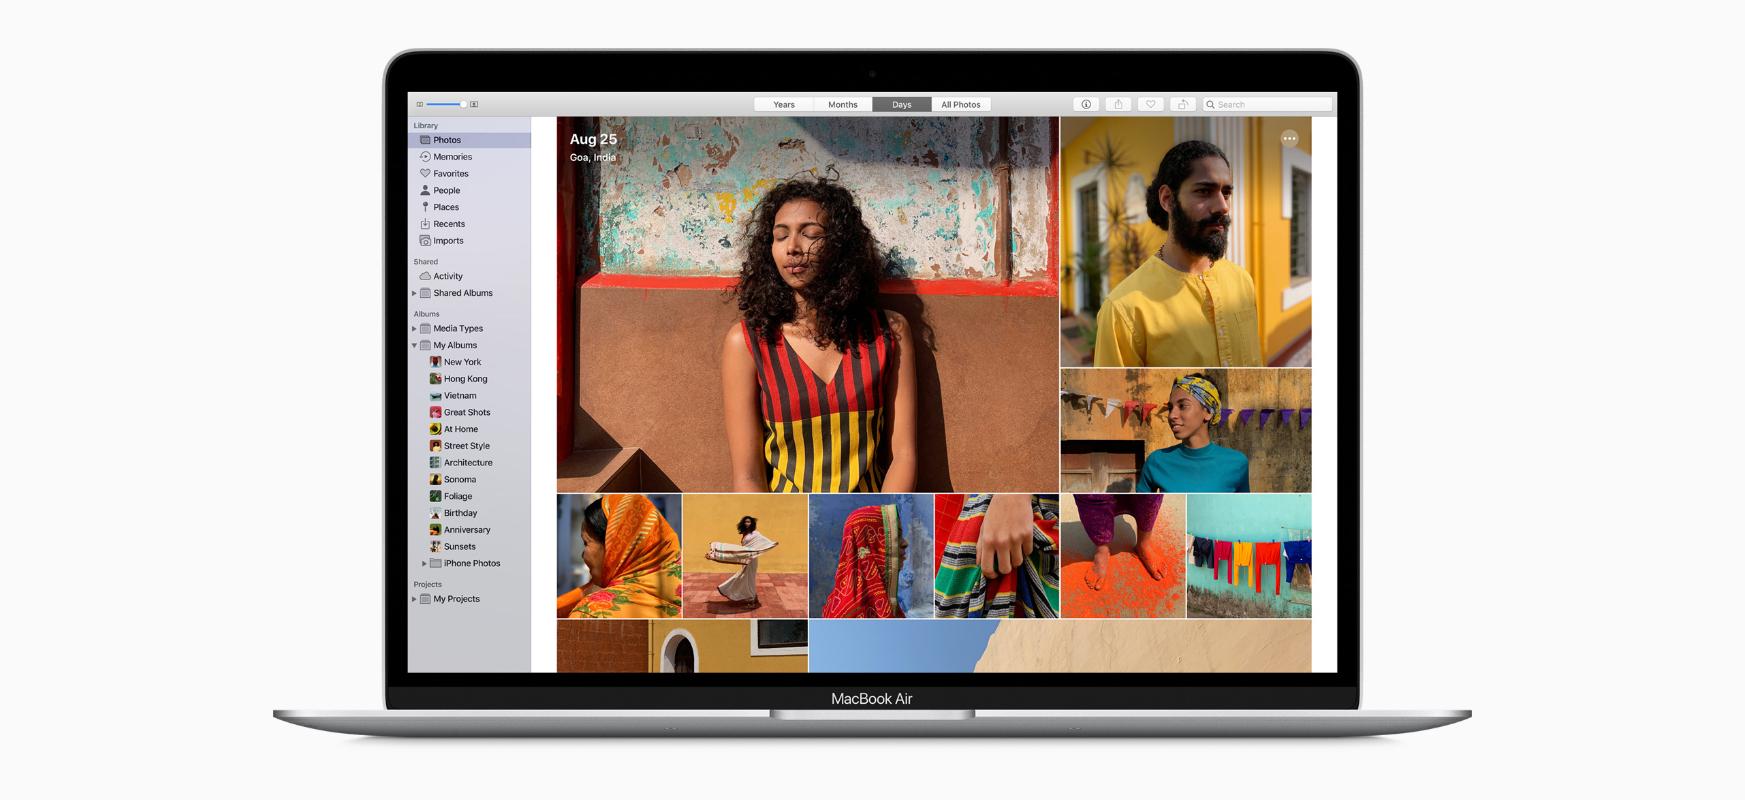 Hemen duzu MacBook Air berria.  Prozesadore berria, teklatu berria eta estandarra baino bi aldiz memoria handiagoa